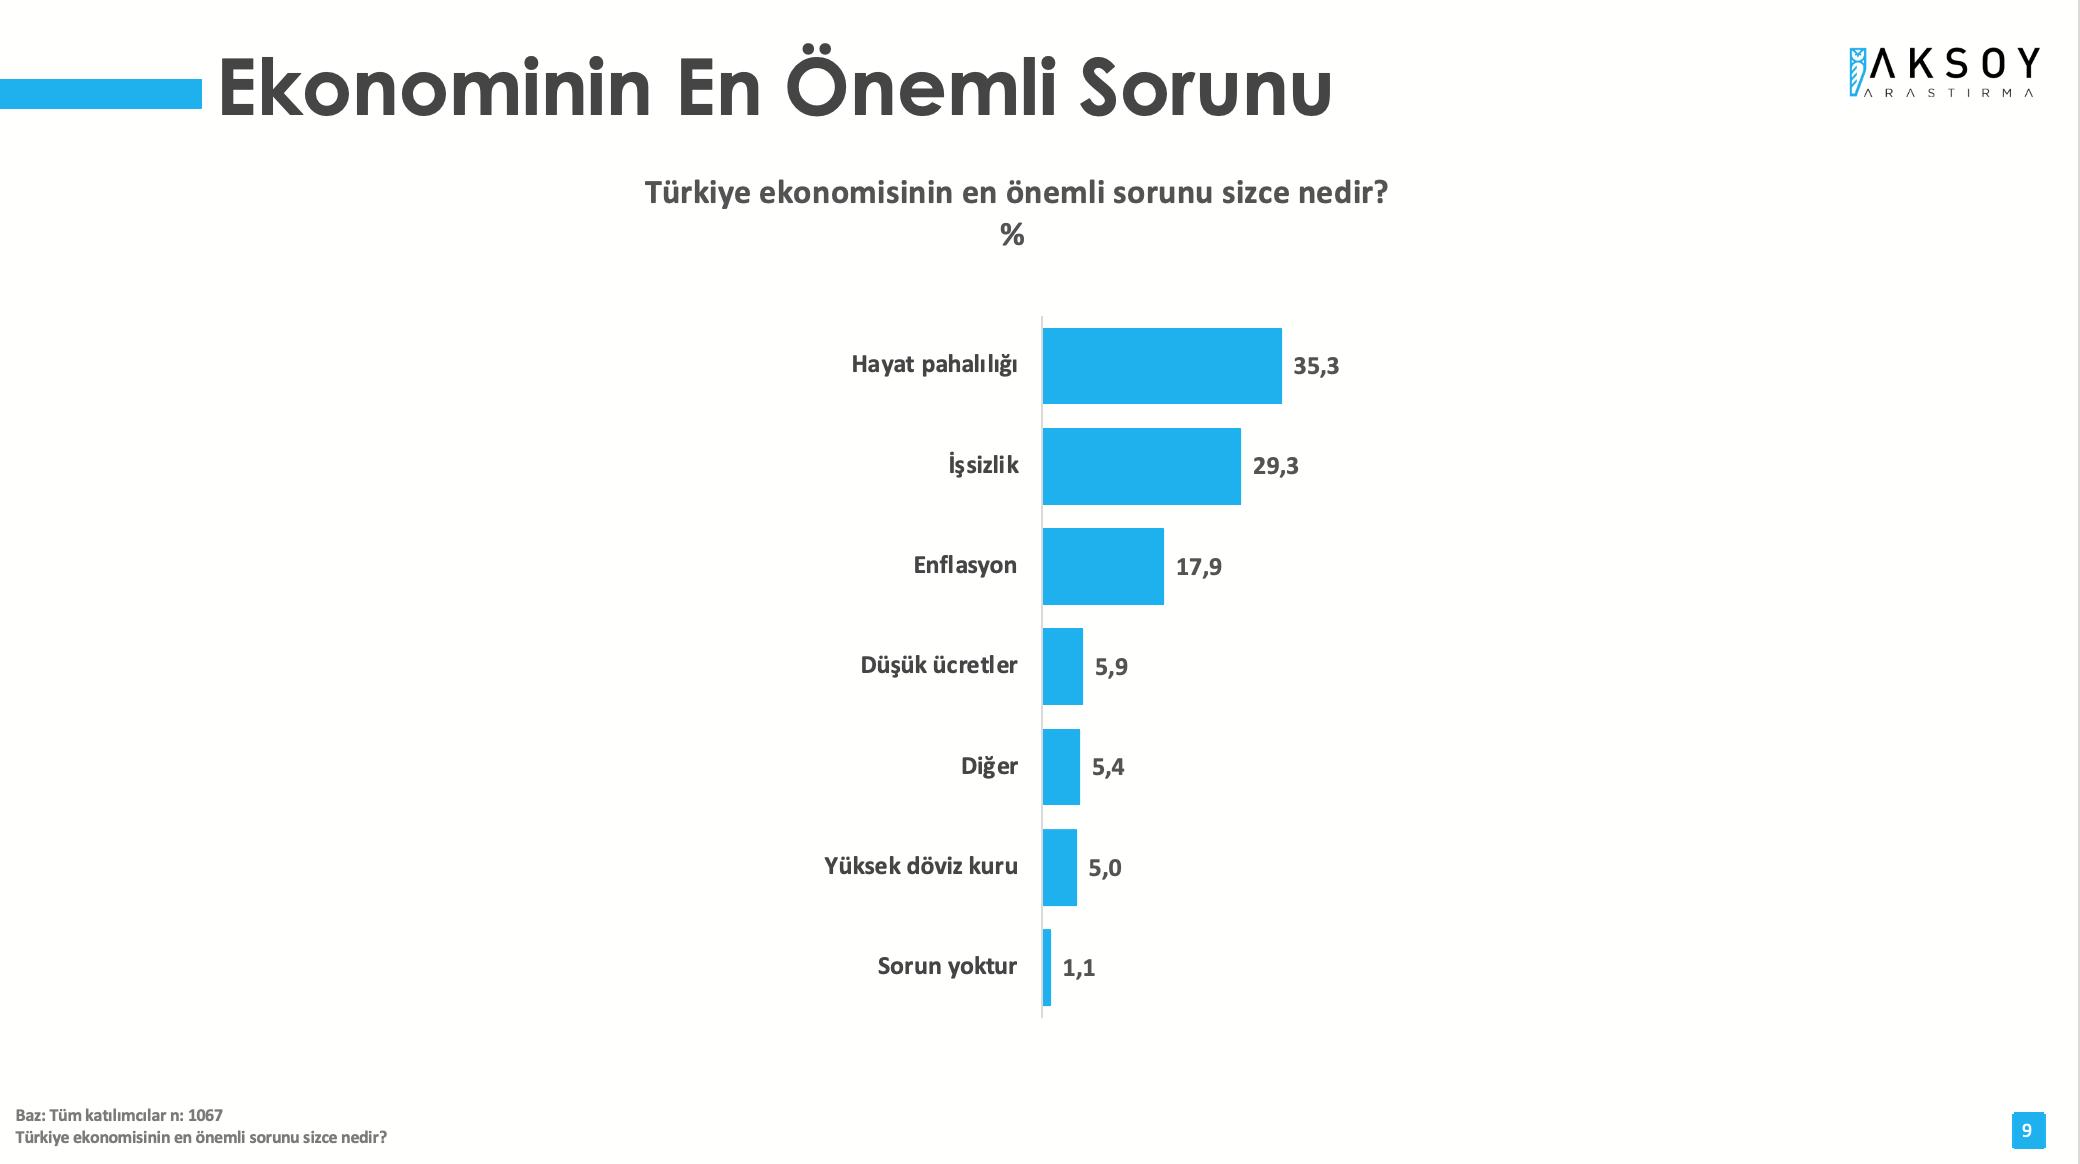 <p>Araştırmada, 'Türkiye ekonomisinin en önemli sorunu sizce nedir?' sorusuna ise katılımcıların yüzde 35,3'ü 'Hayat Pahalılığı' yanıtını verdi. Bunu, yüzde %29,3 ile işsizlik ve yüzde 17,9 ile enflasyon takip etti.&nbsp;</p>